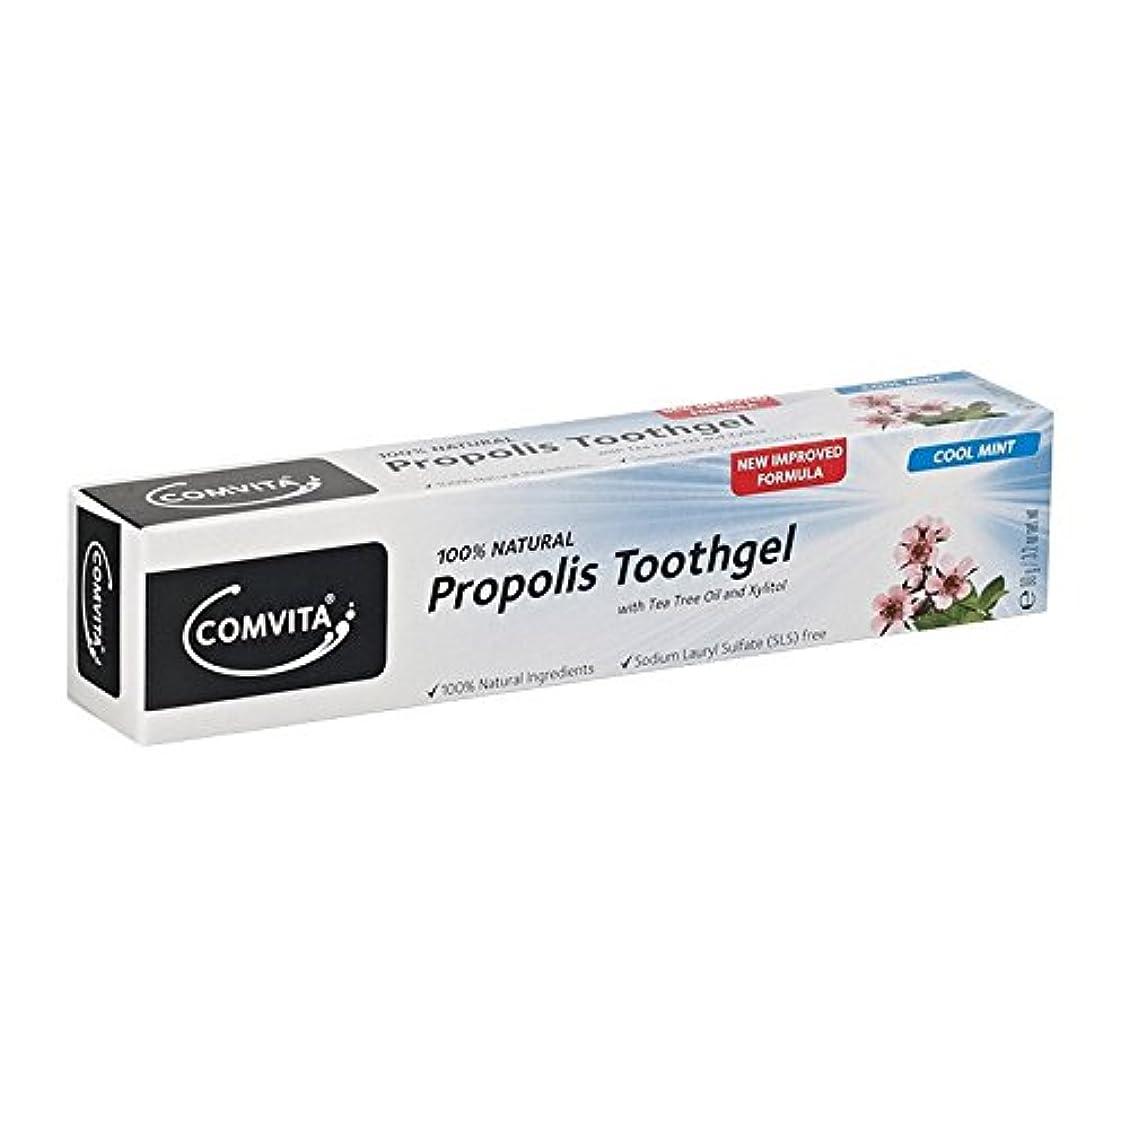 存在メーカー違法コンビタ100天然プロポリスToothgel - Comvita 100 Natural Propolis Toothgel (Comvita) [並行輸入品]